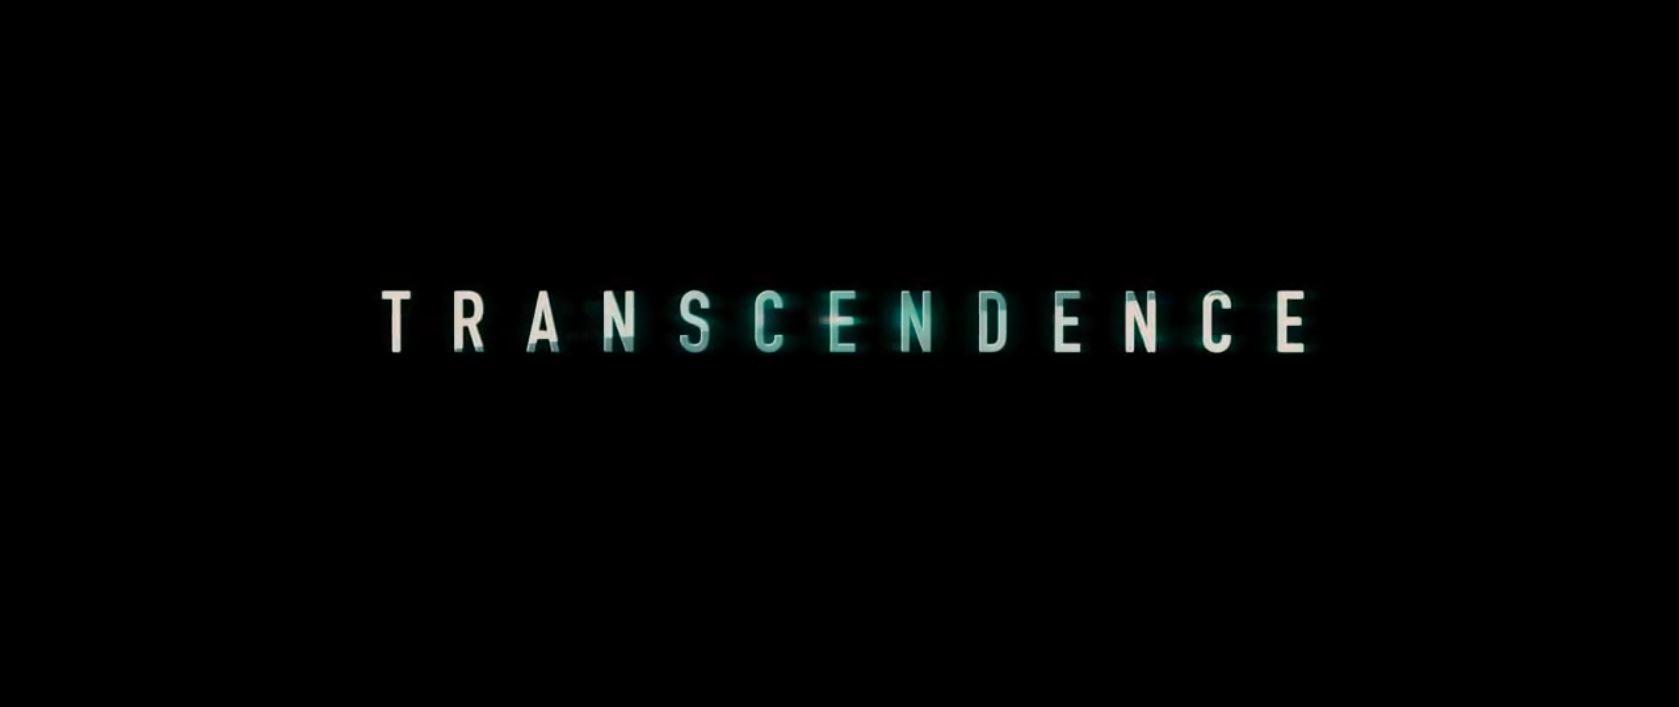 transcendence movie - ...